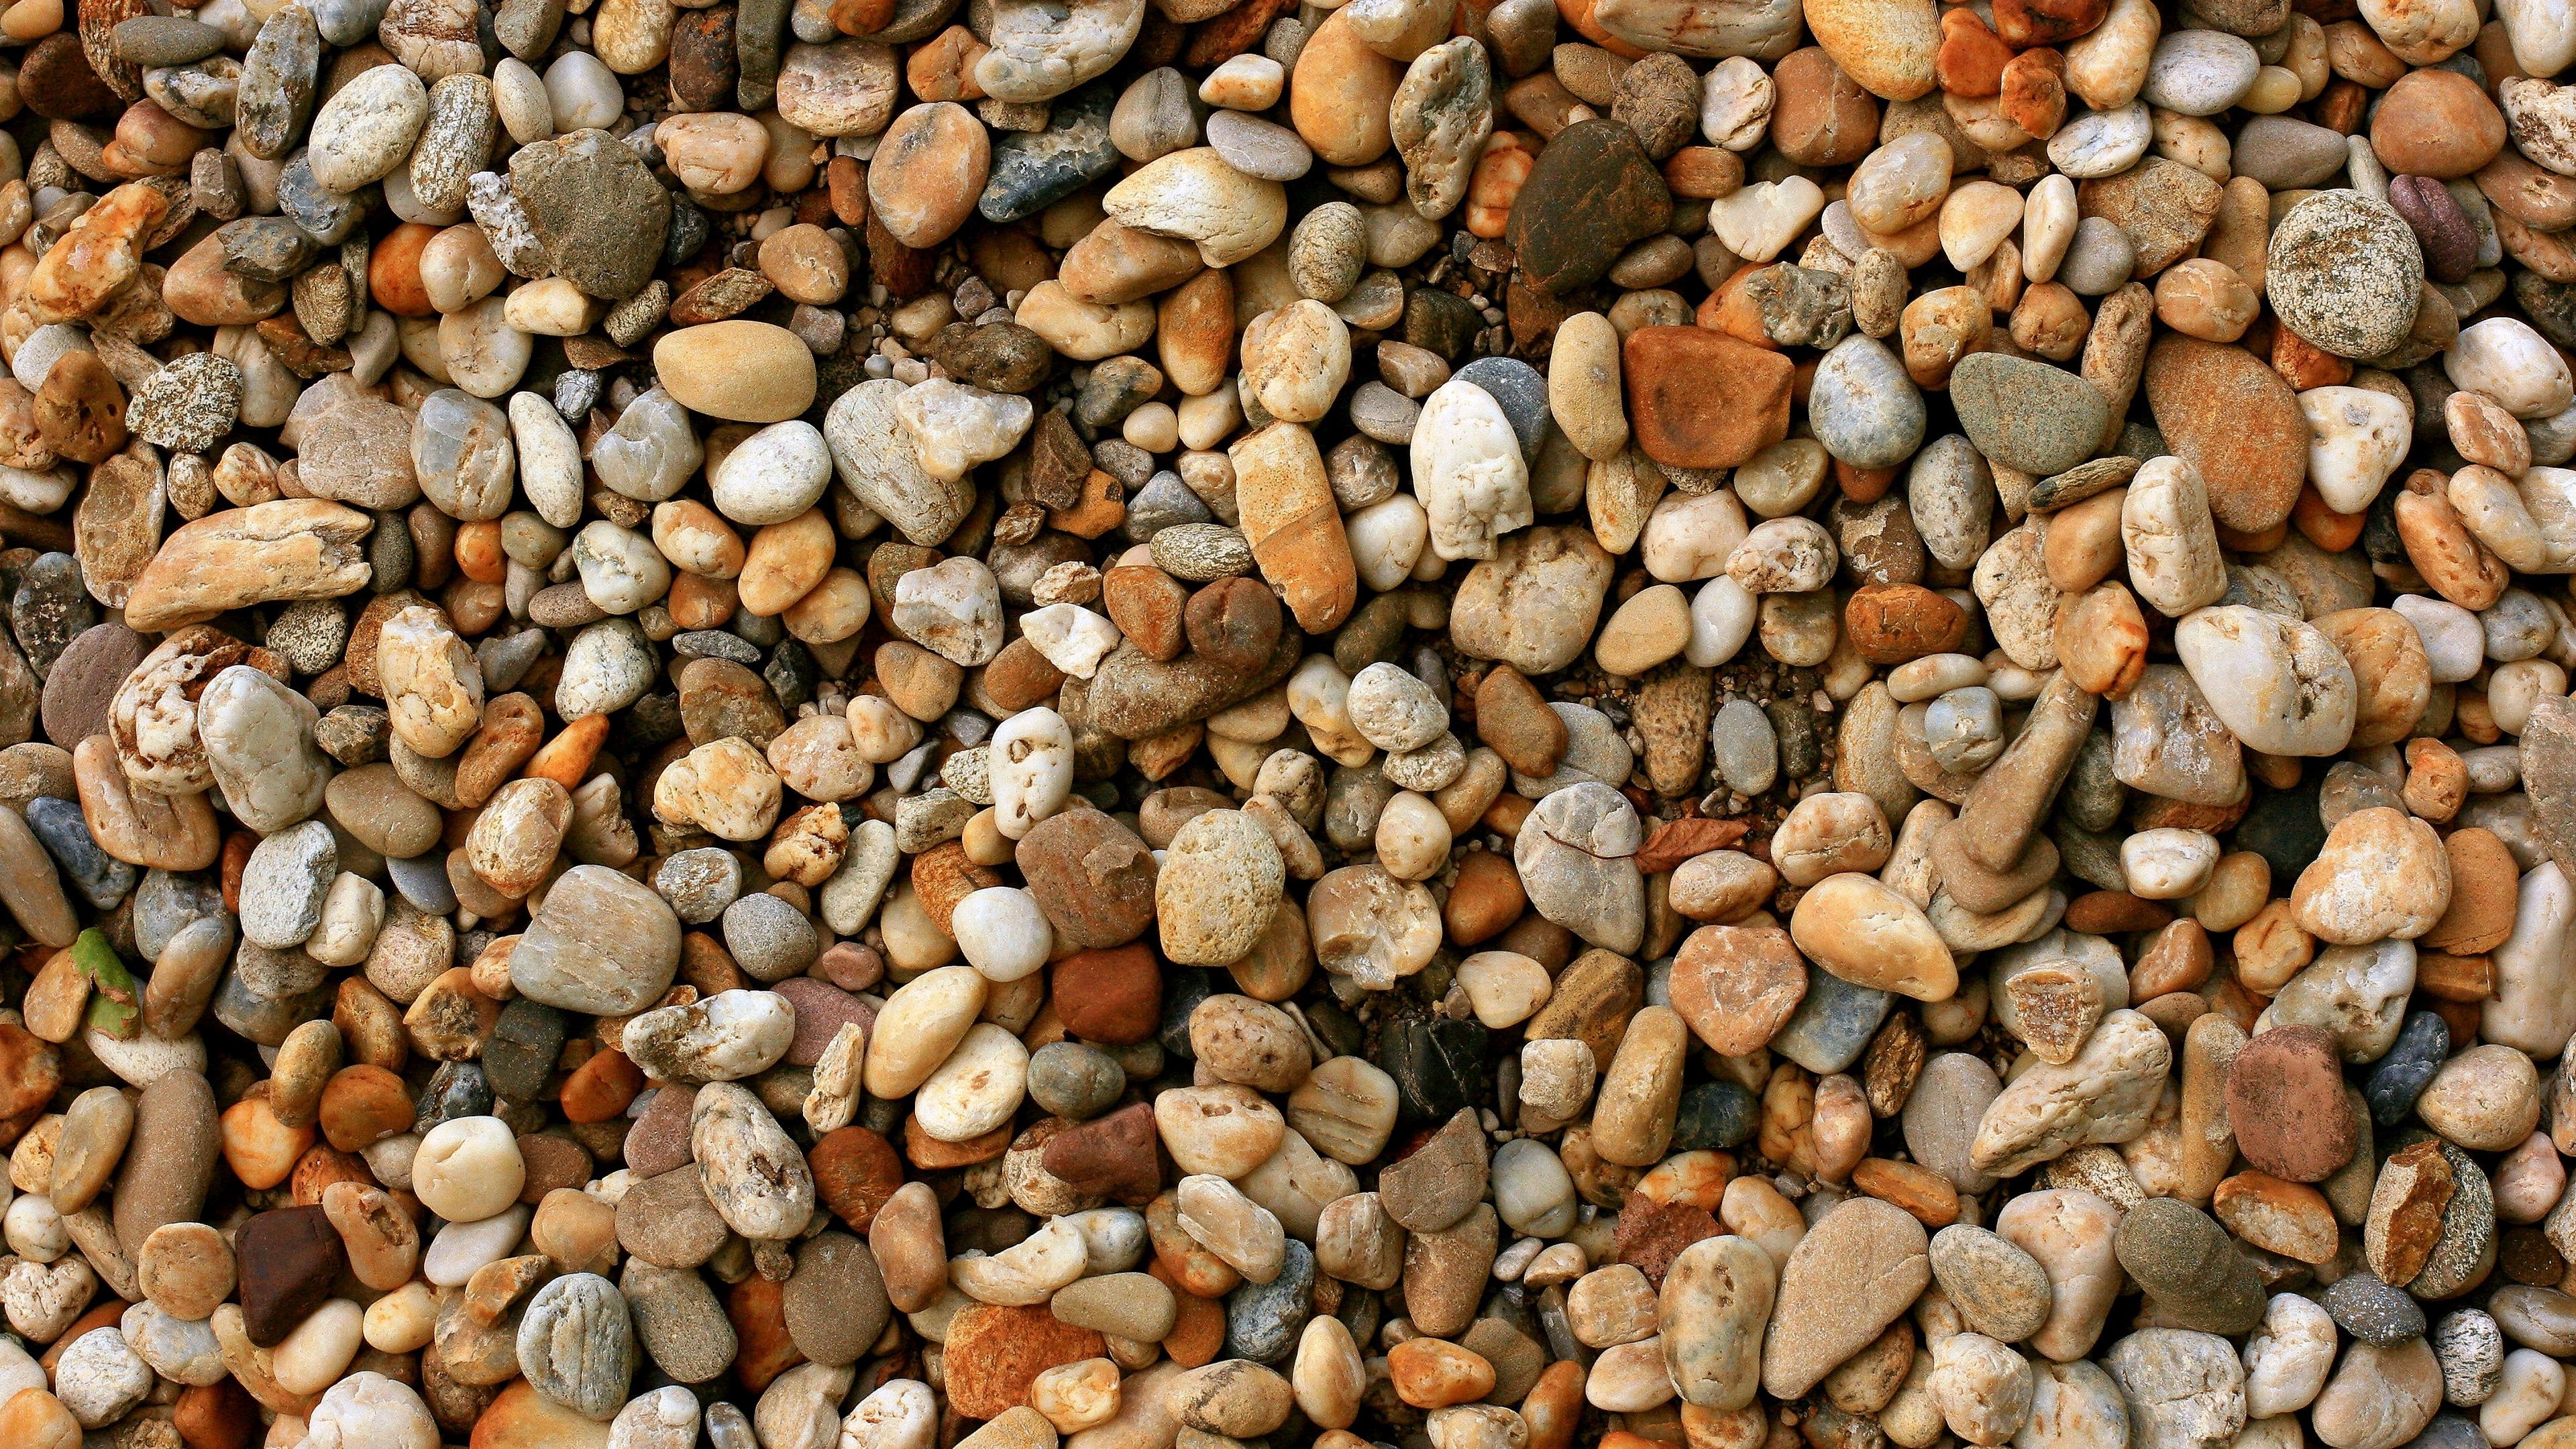 stones sea surface 4k 1541116127 - stones, sea, surface 4k - Surface, Stones, Sea